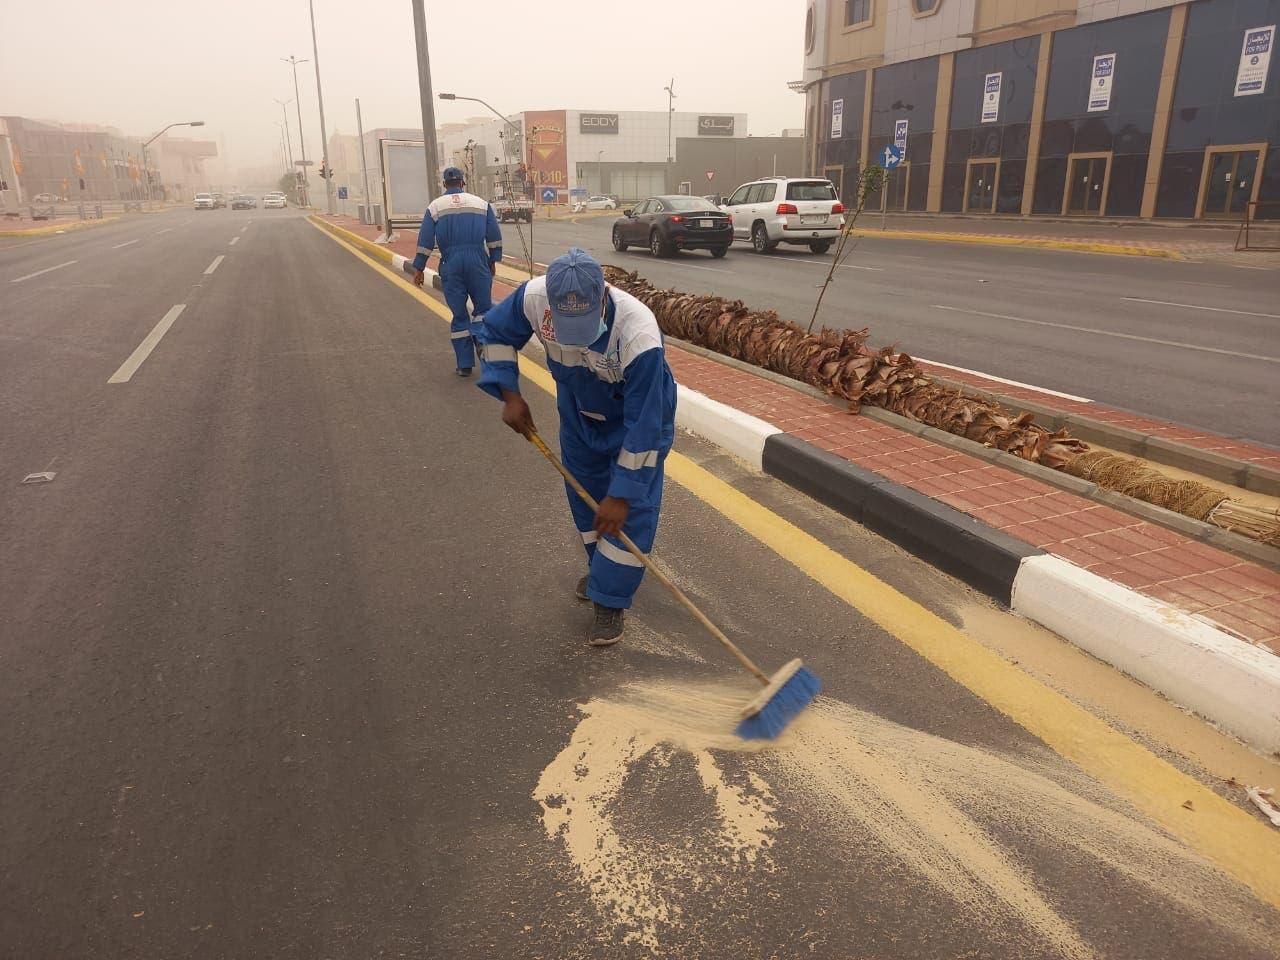 آثار موجة الغبار في السعودية